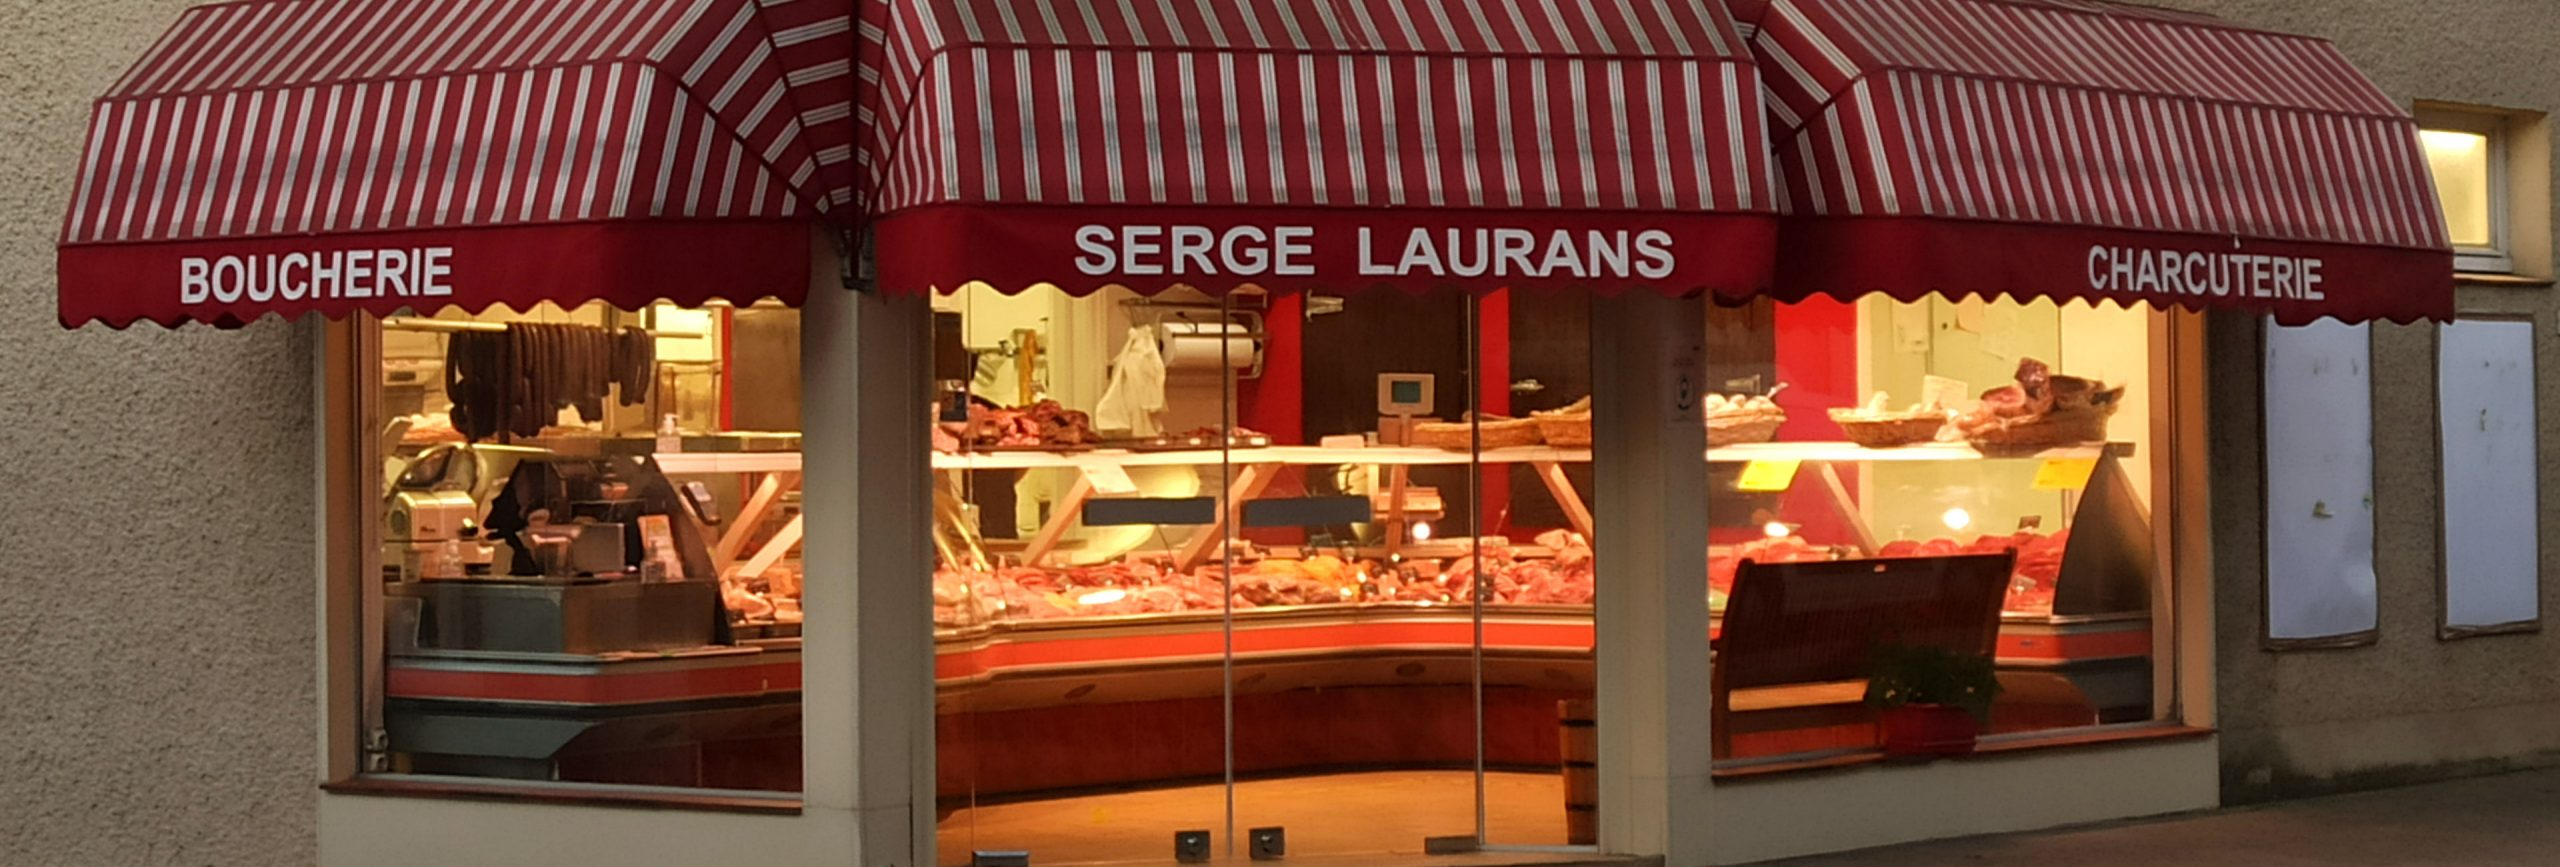 Boucherie Serge Laurans à Meilhan sur Garonne, groupe Terres du Sud